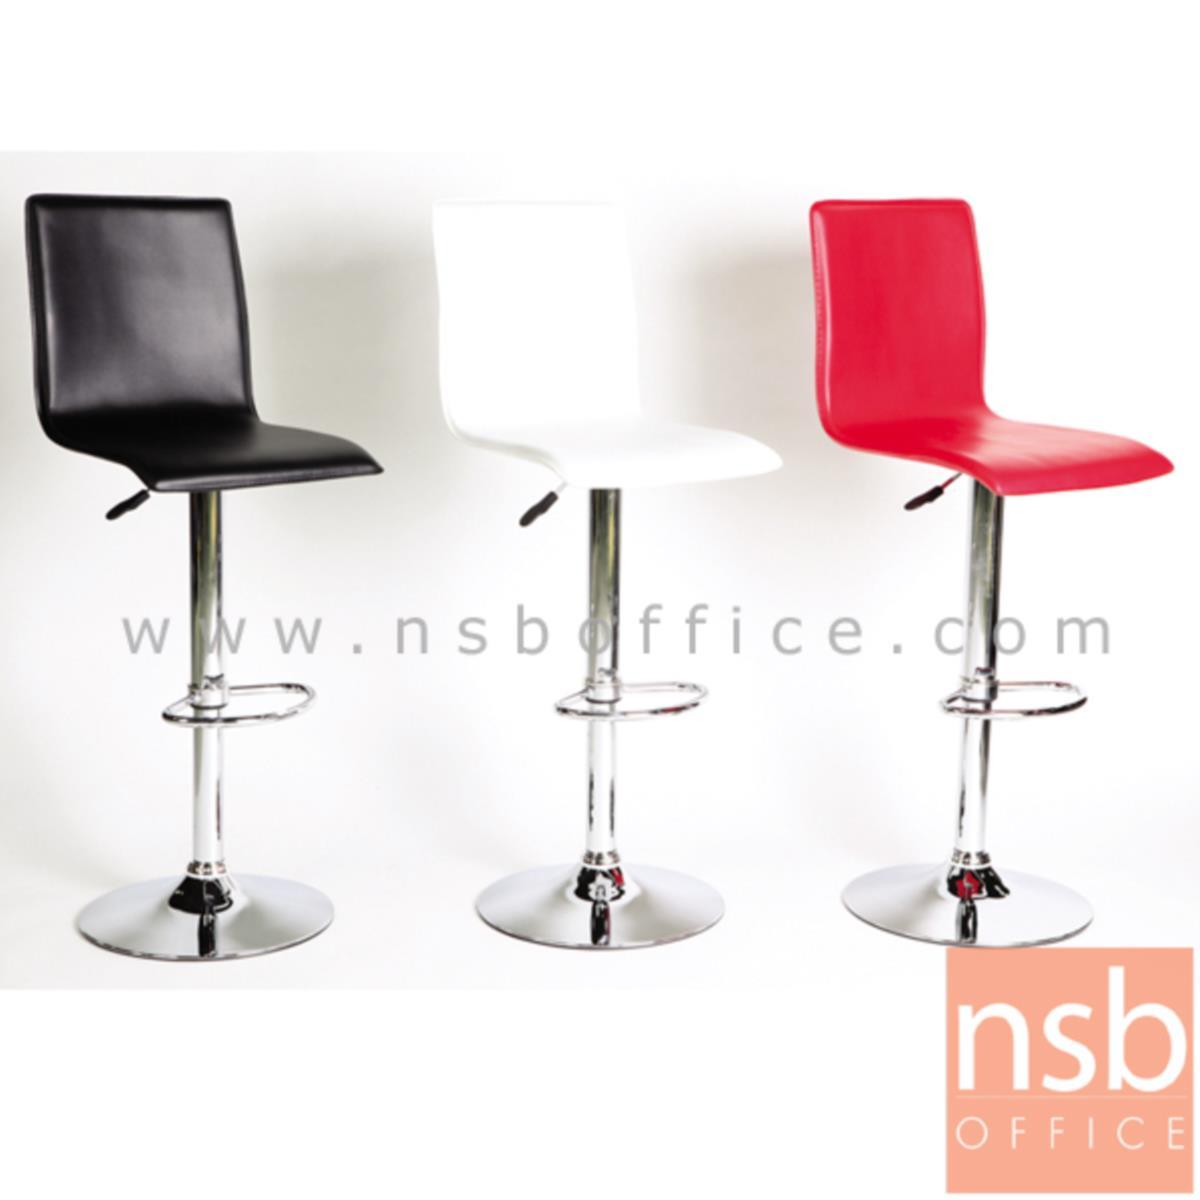 เก้าอี้บาร์สูงหนังเทียม รุ่น Emerson (อีเมอร์สัน) ขนาด 37W cm. โช๊คแก๊ส ขาโครเมี่ยมฐานจานกลม